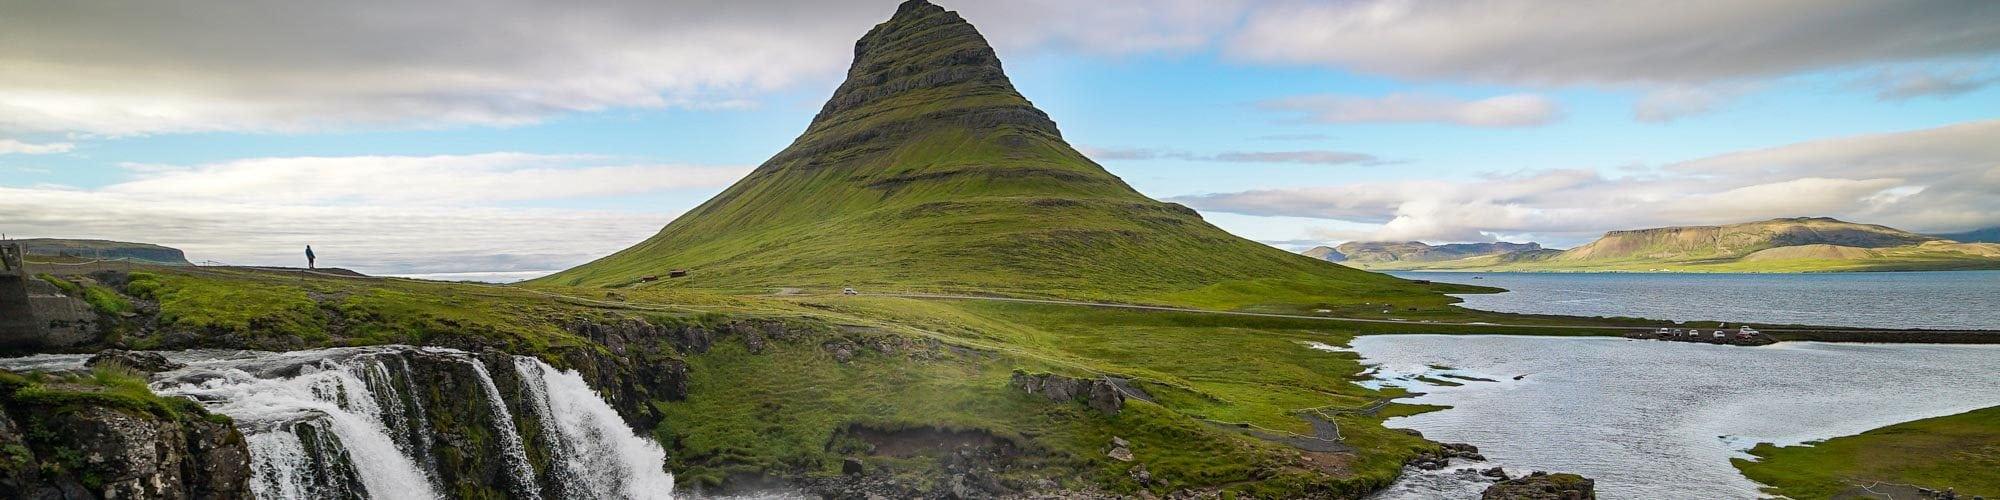 Kirkjufell Mountain on Snaefellsnes